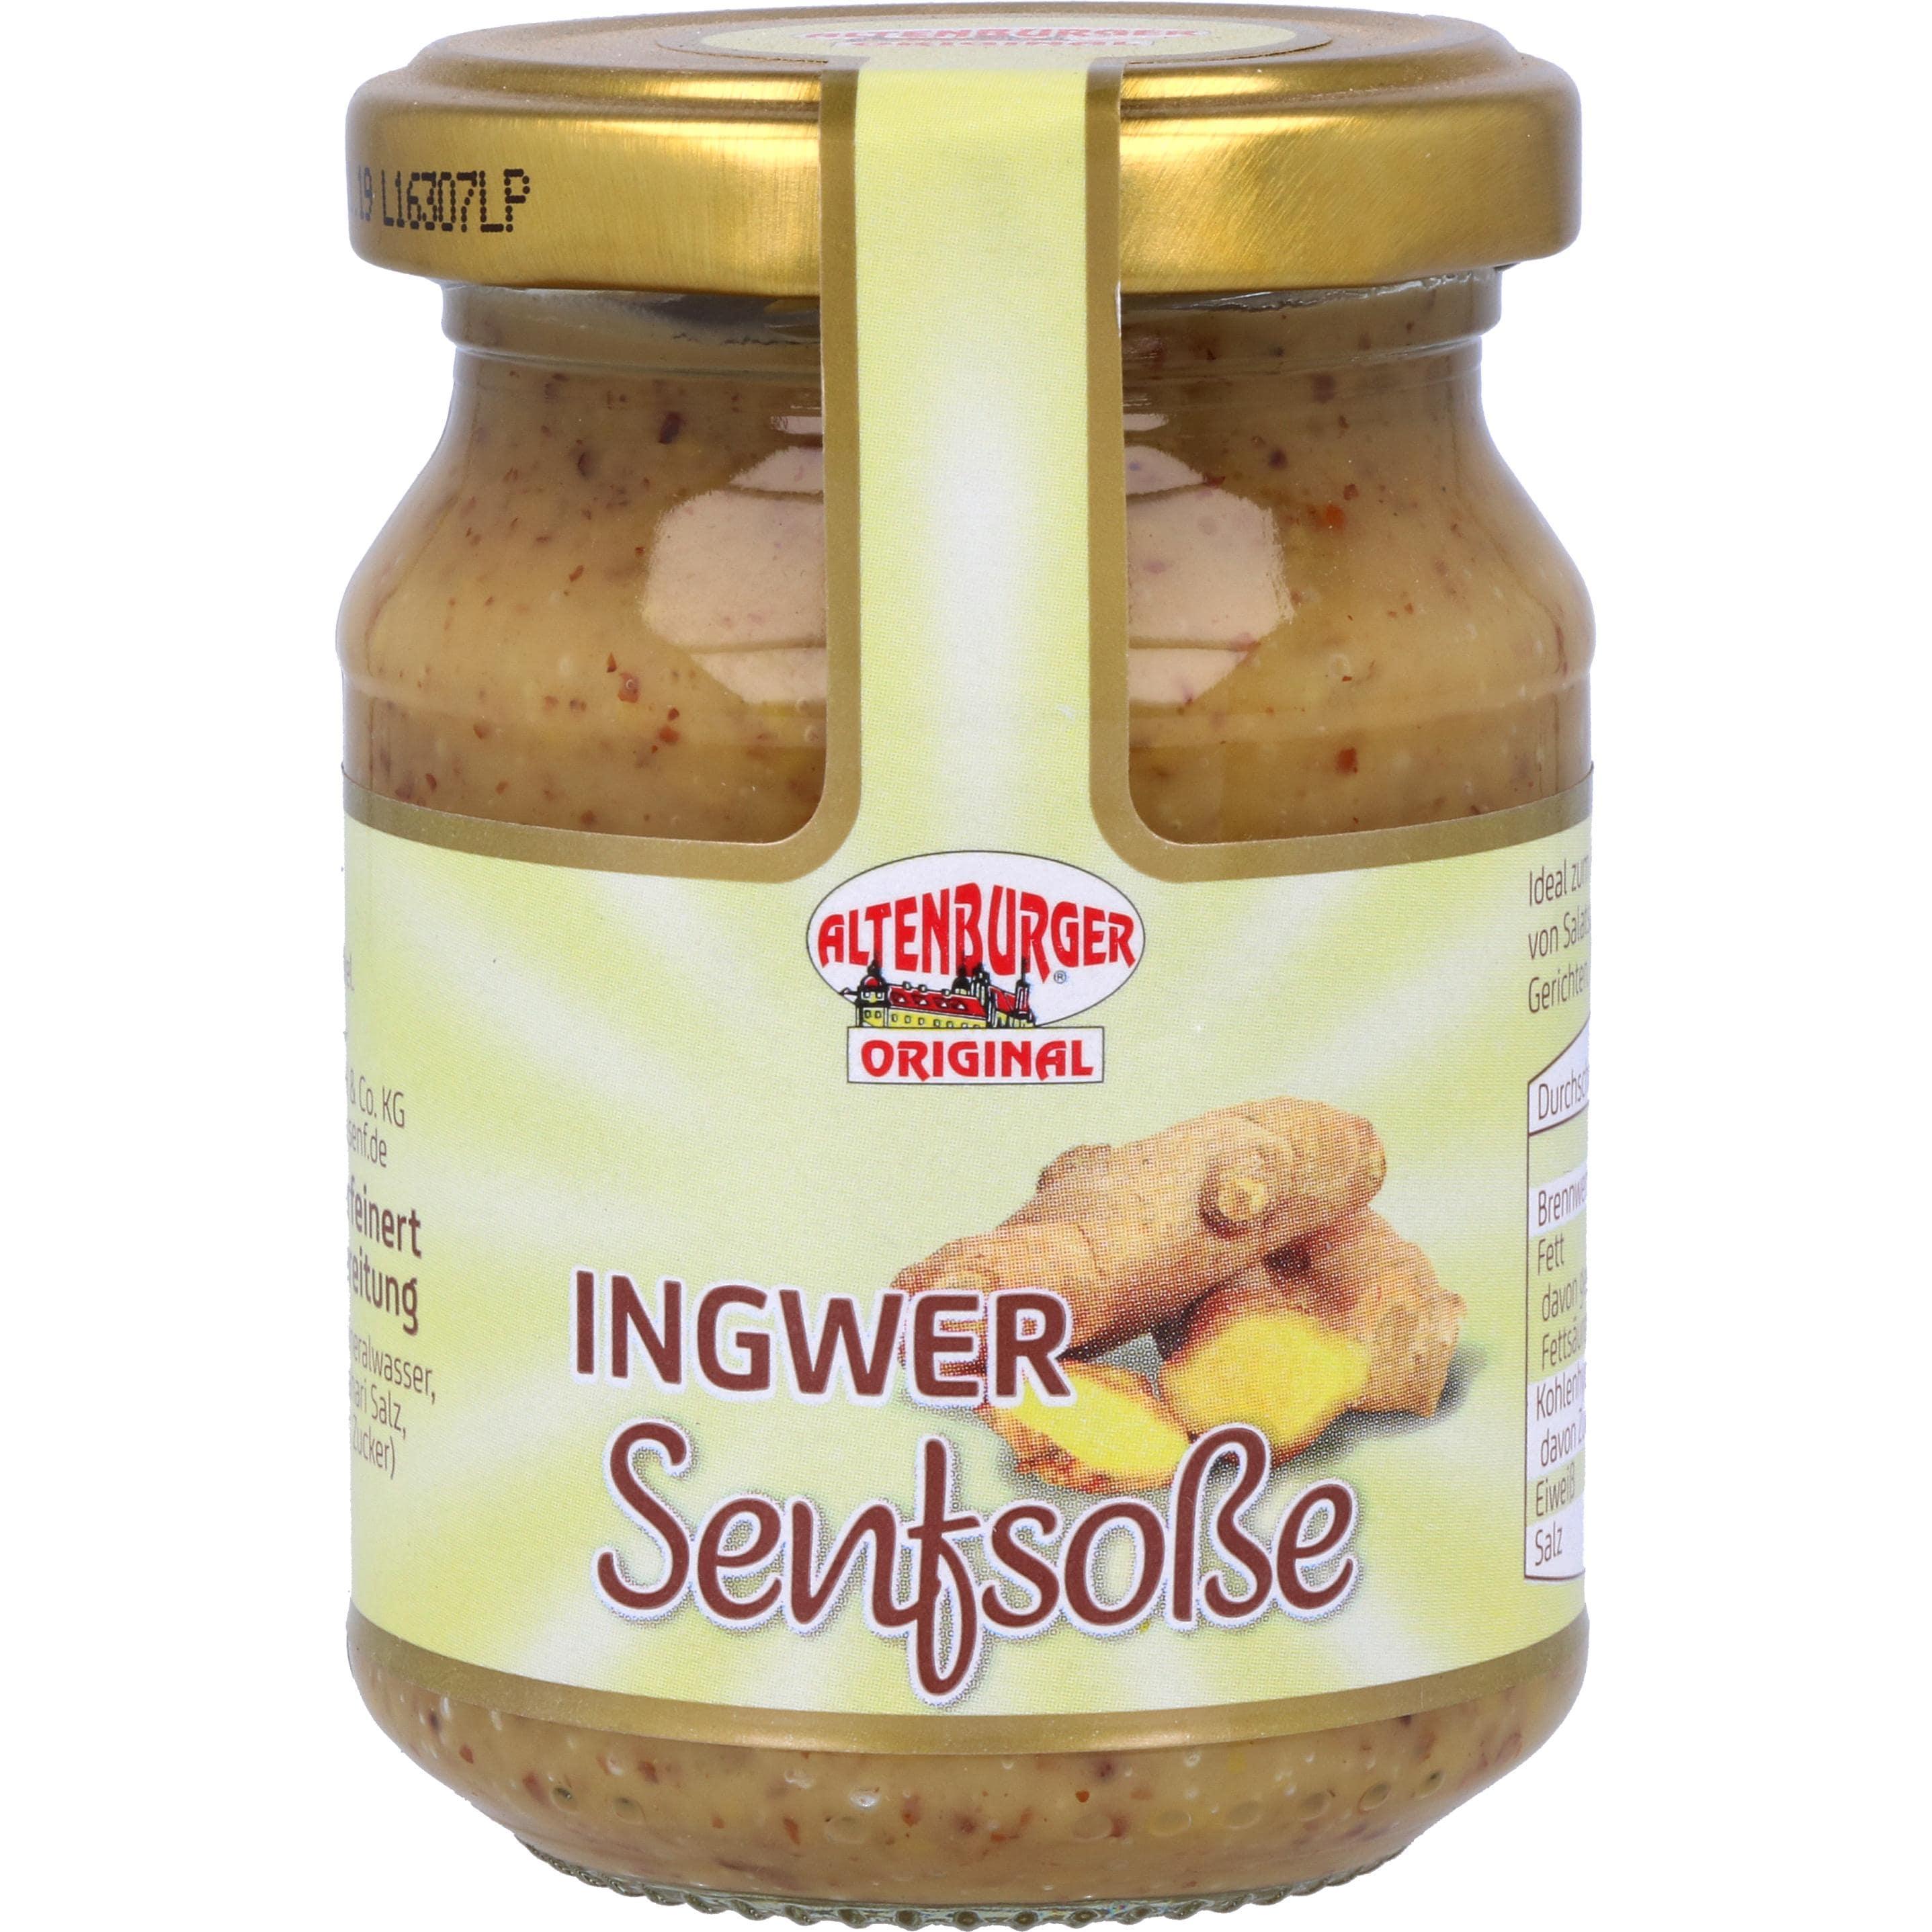 Altenburger Ingwer Senfsoße 160g